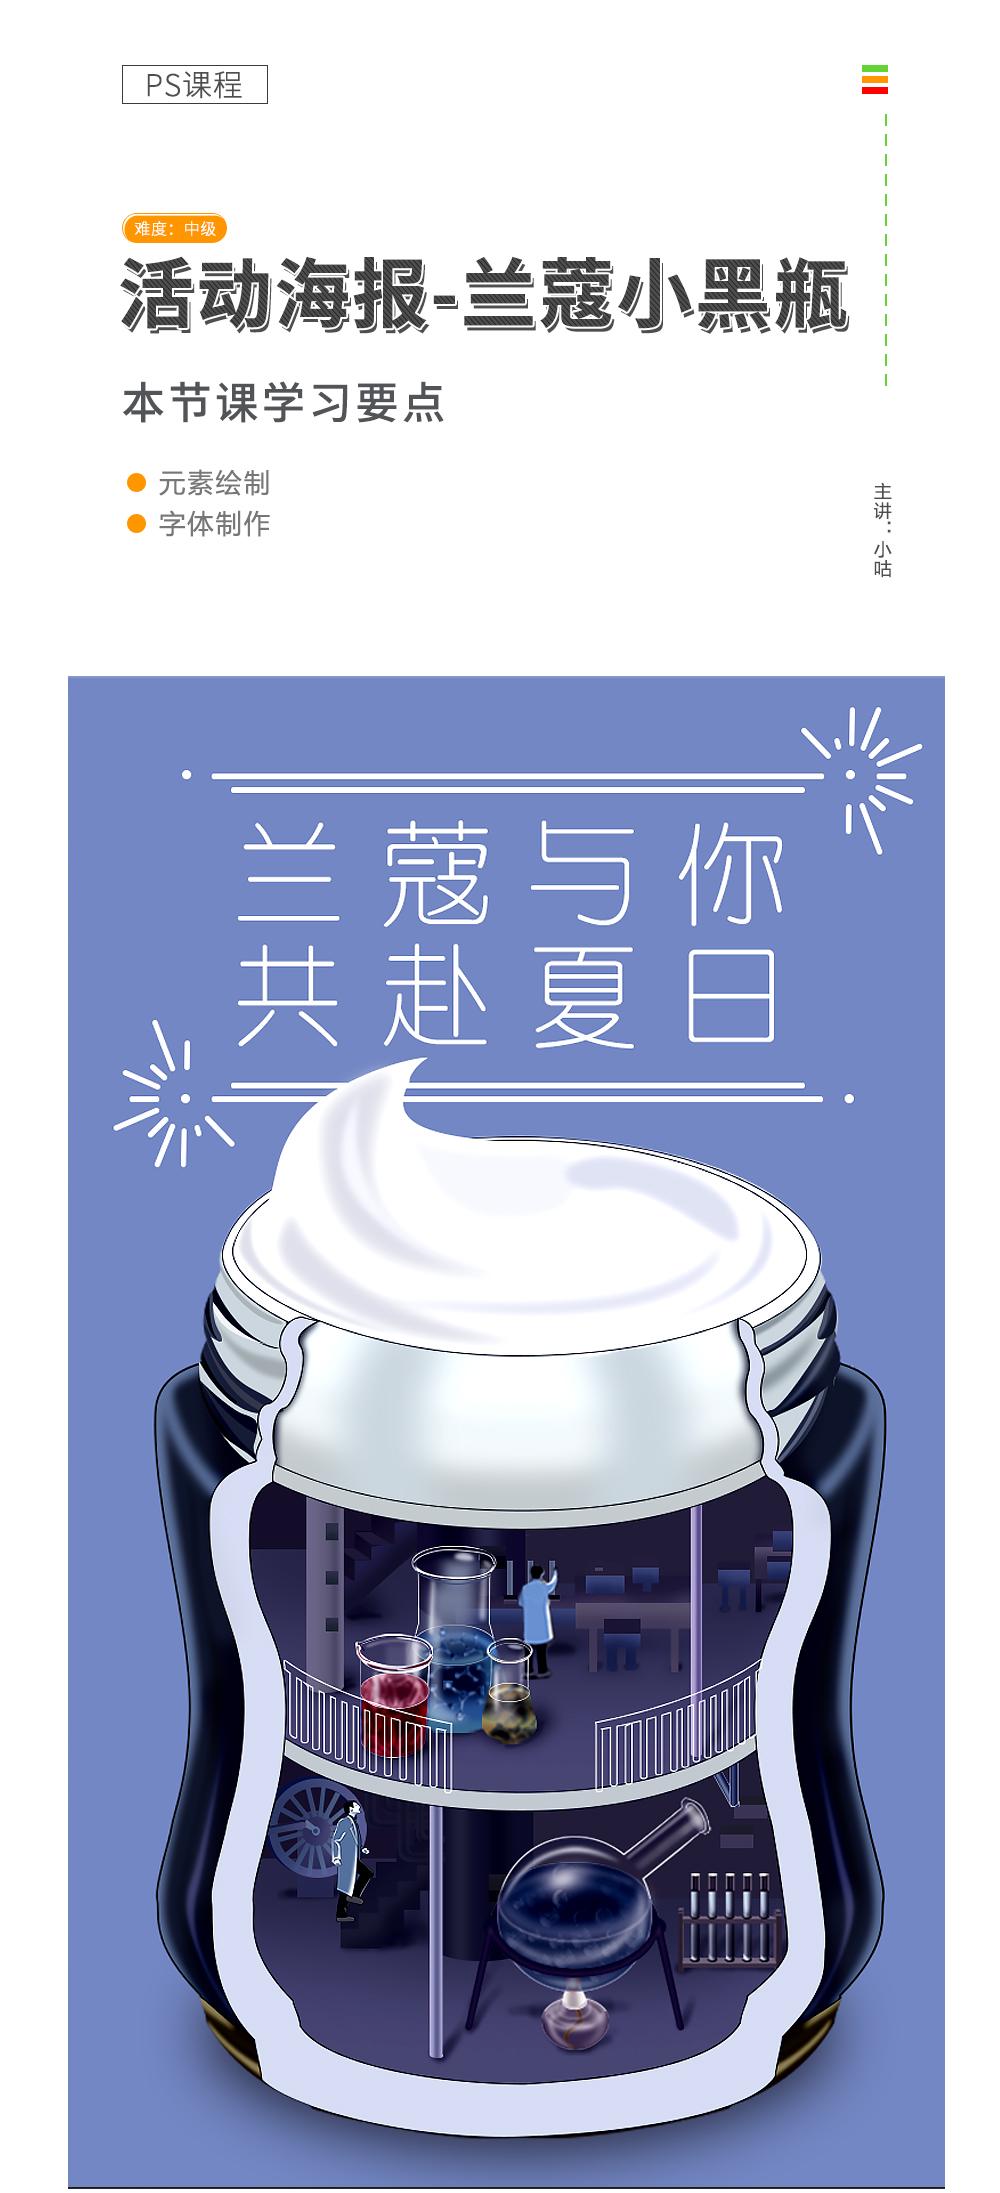 活动海报-兰蔻小黑瓶课程详情页.jpg/